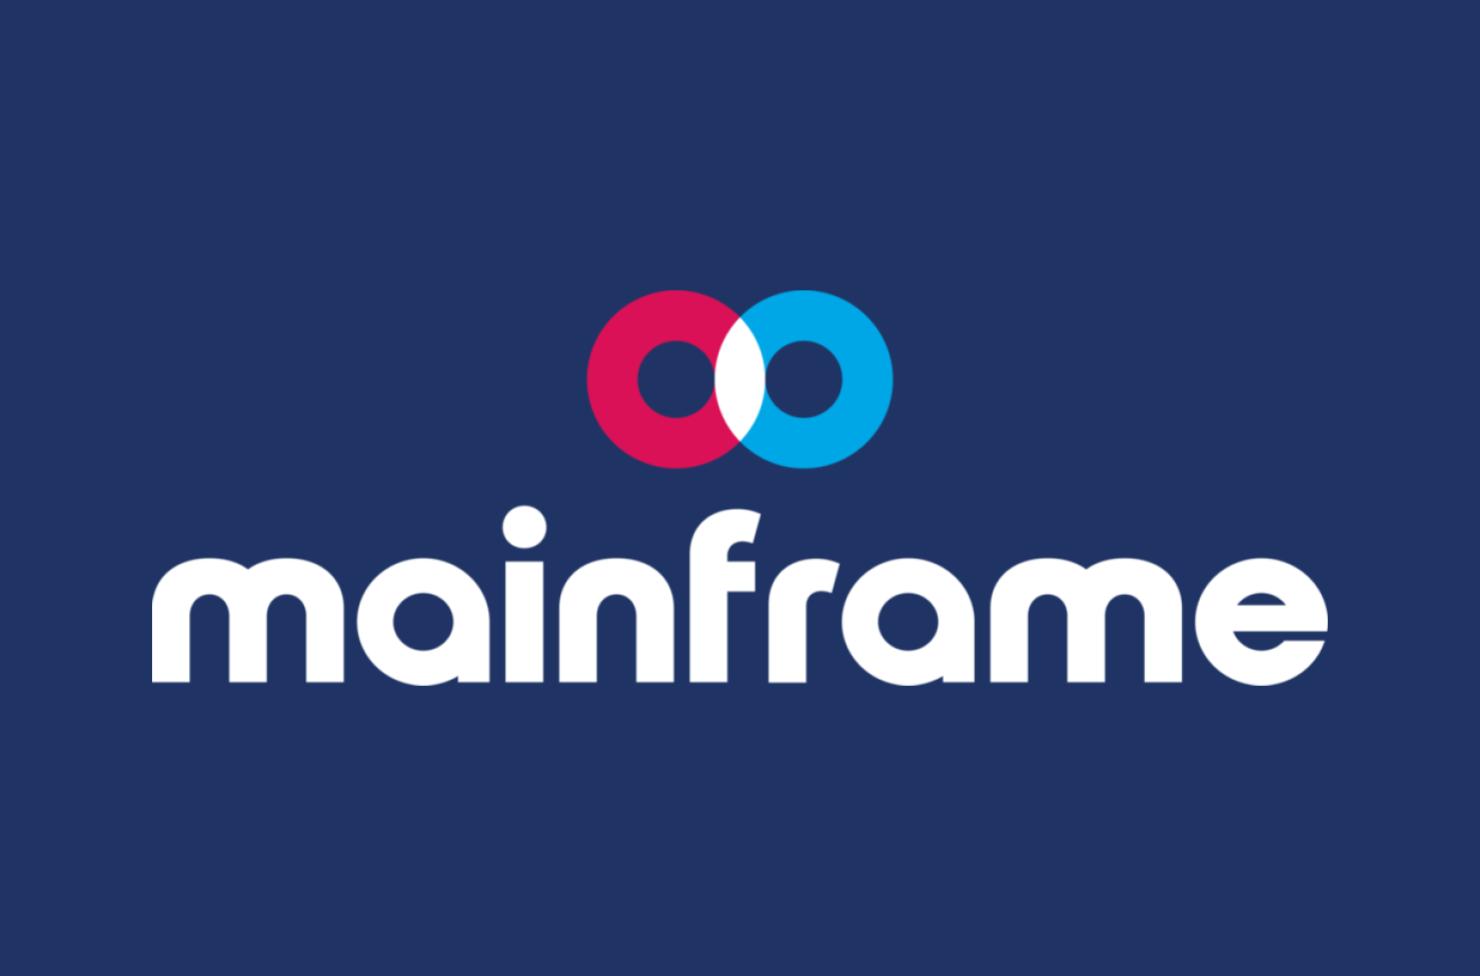 Was ist ein Mainframe?  2019 Anfängerleitfaden zur MFT-Kryptowährung